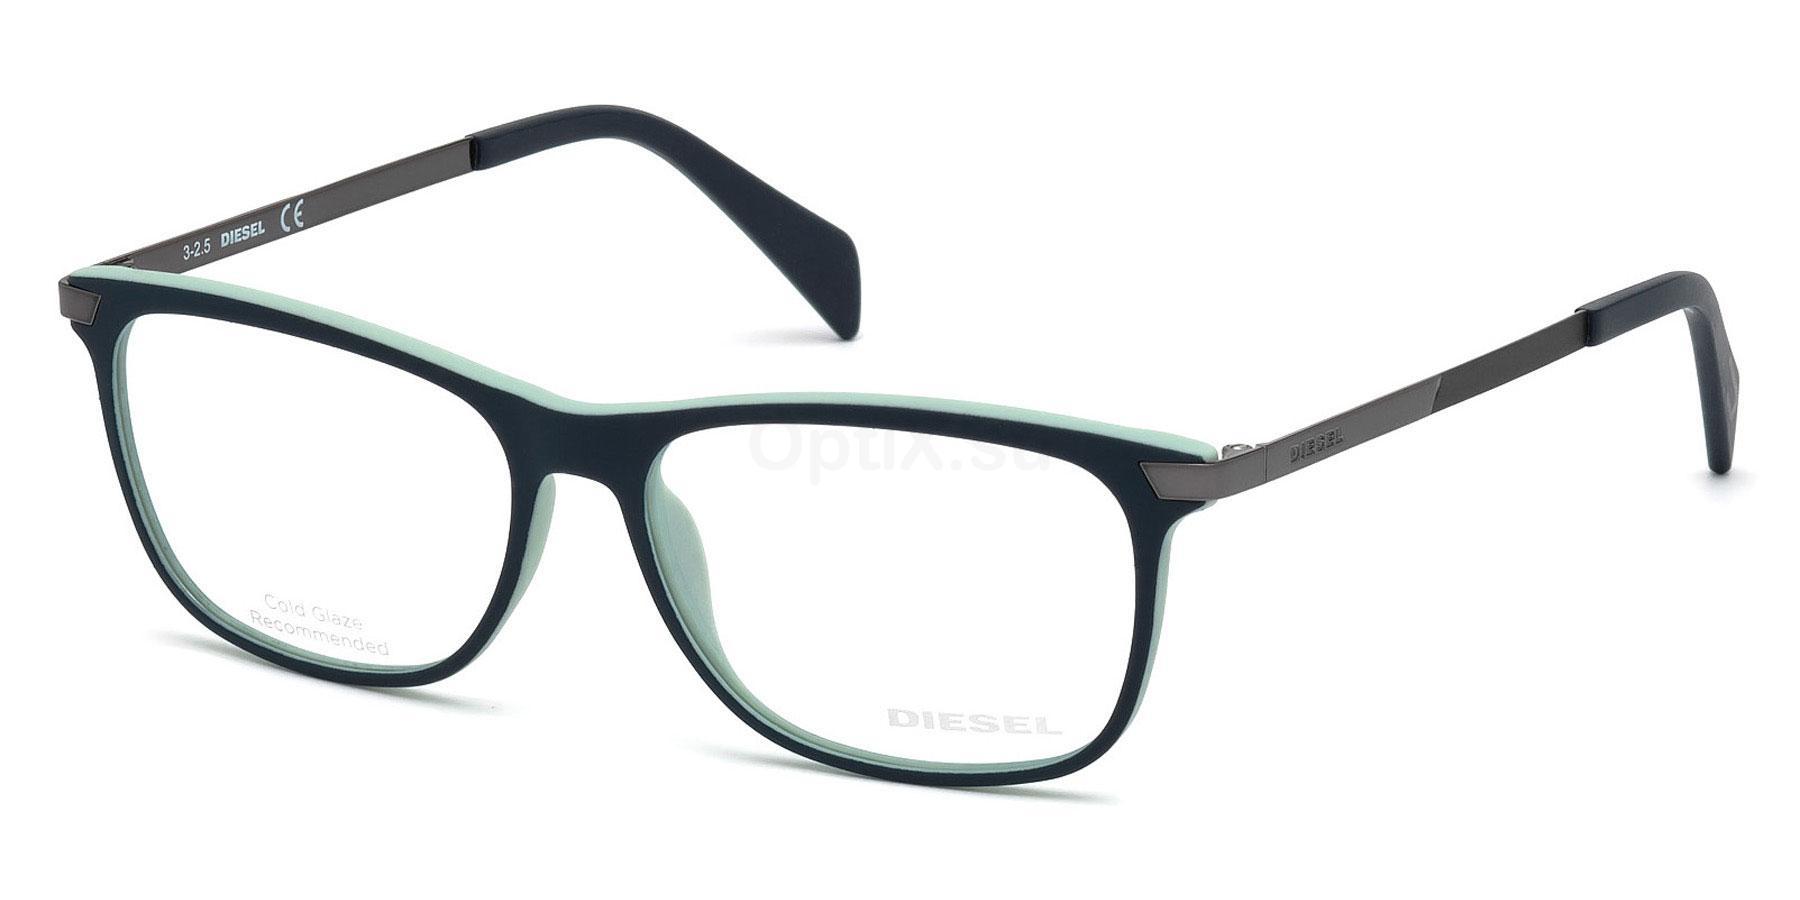 092 DL5218 Glasses, Diesel